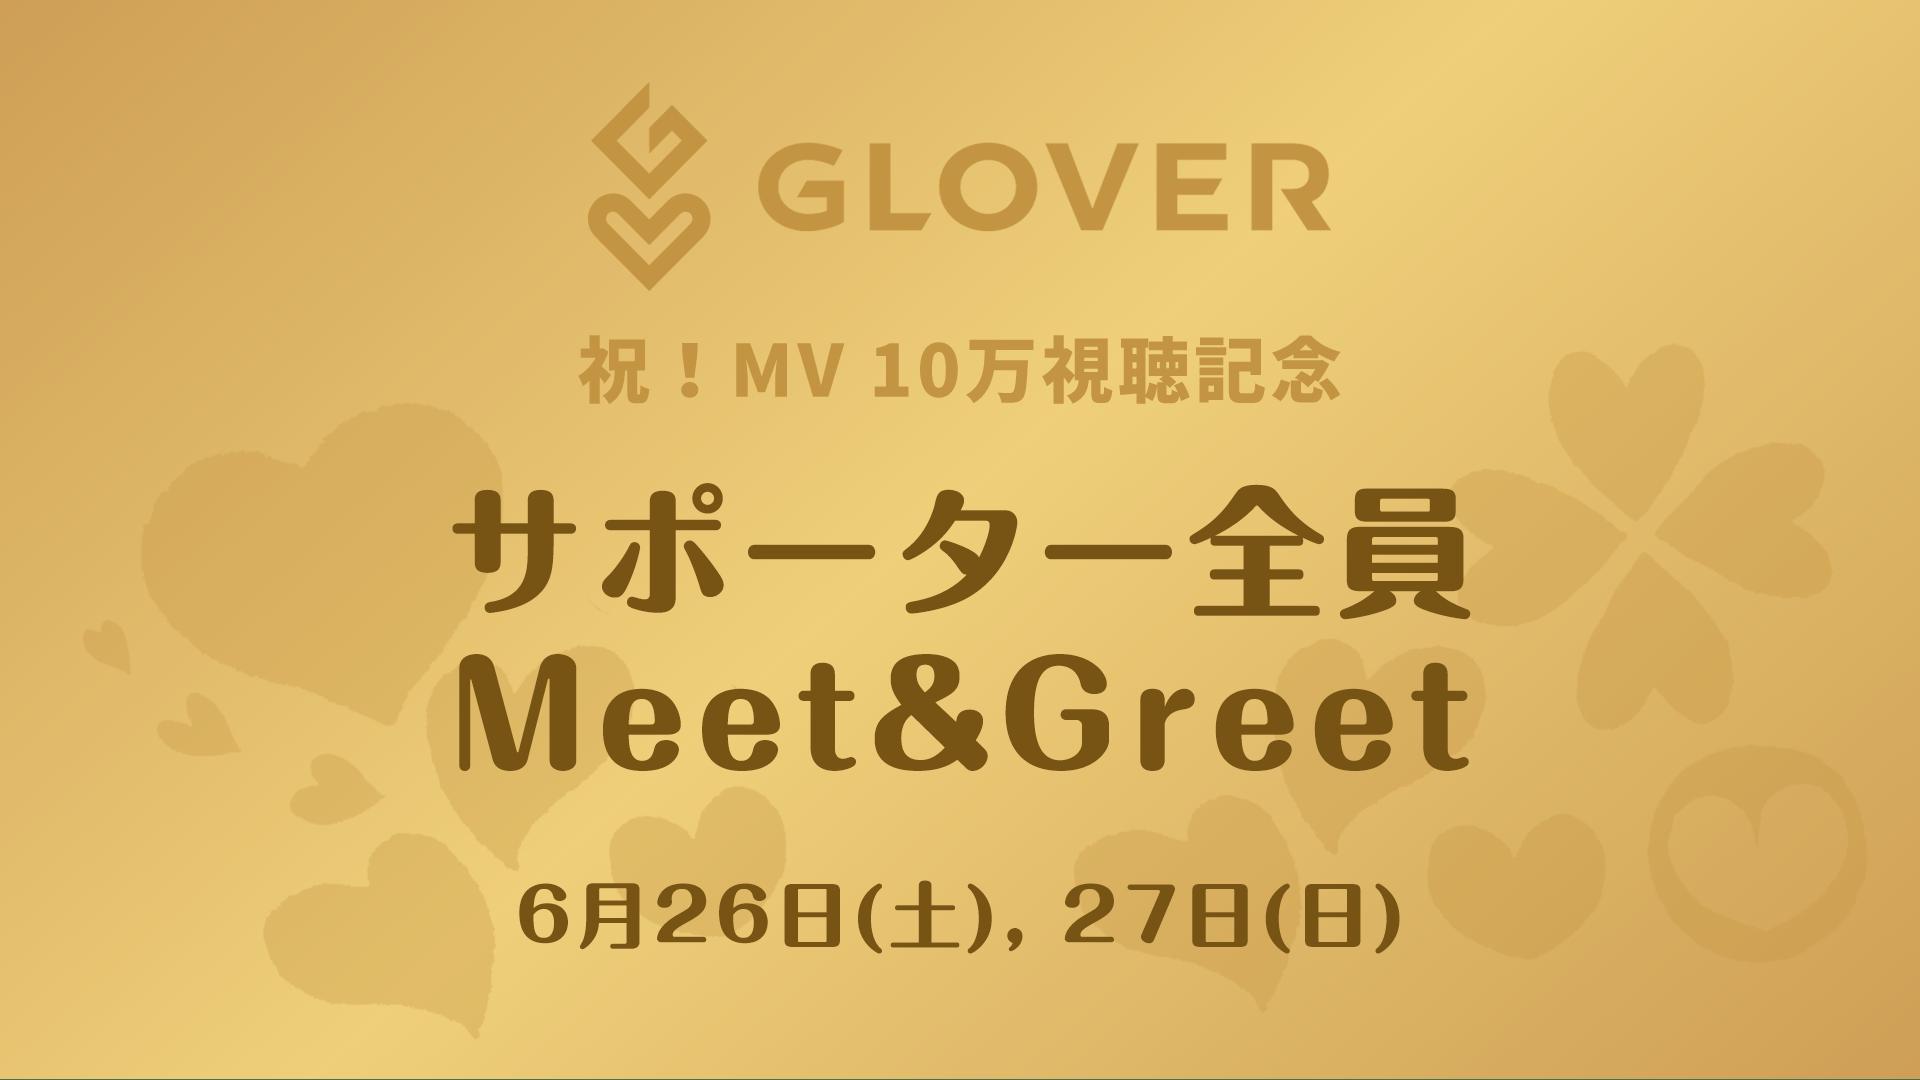 「サポーター全員Meet&Greet」の応募受付を開始しました